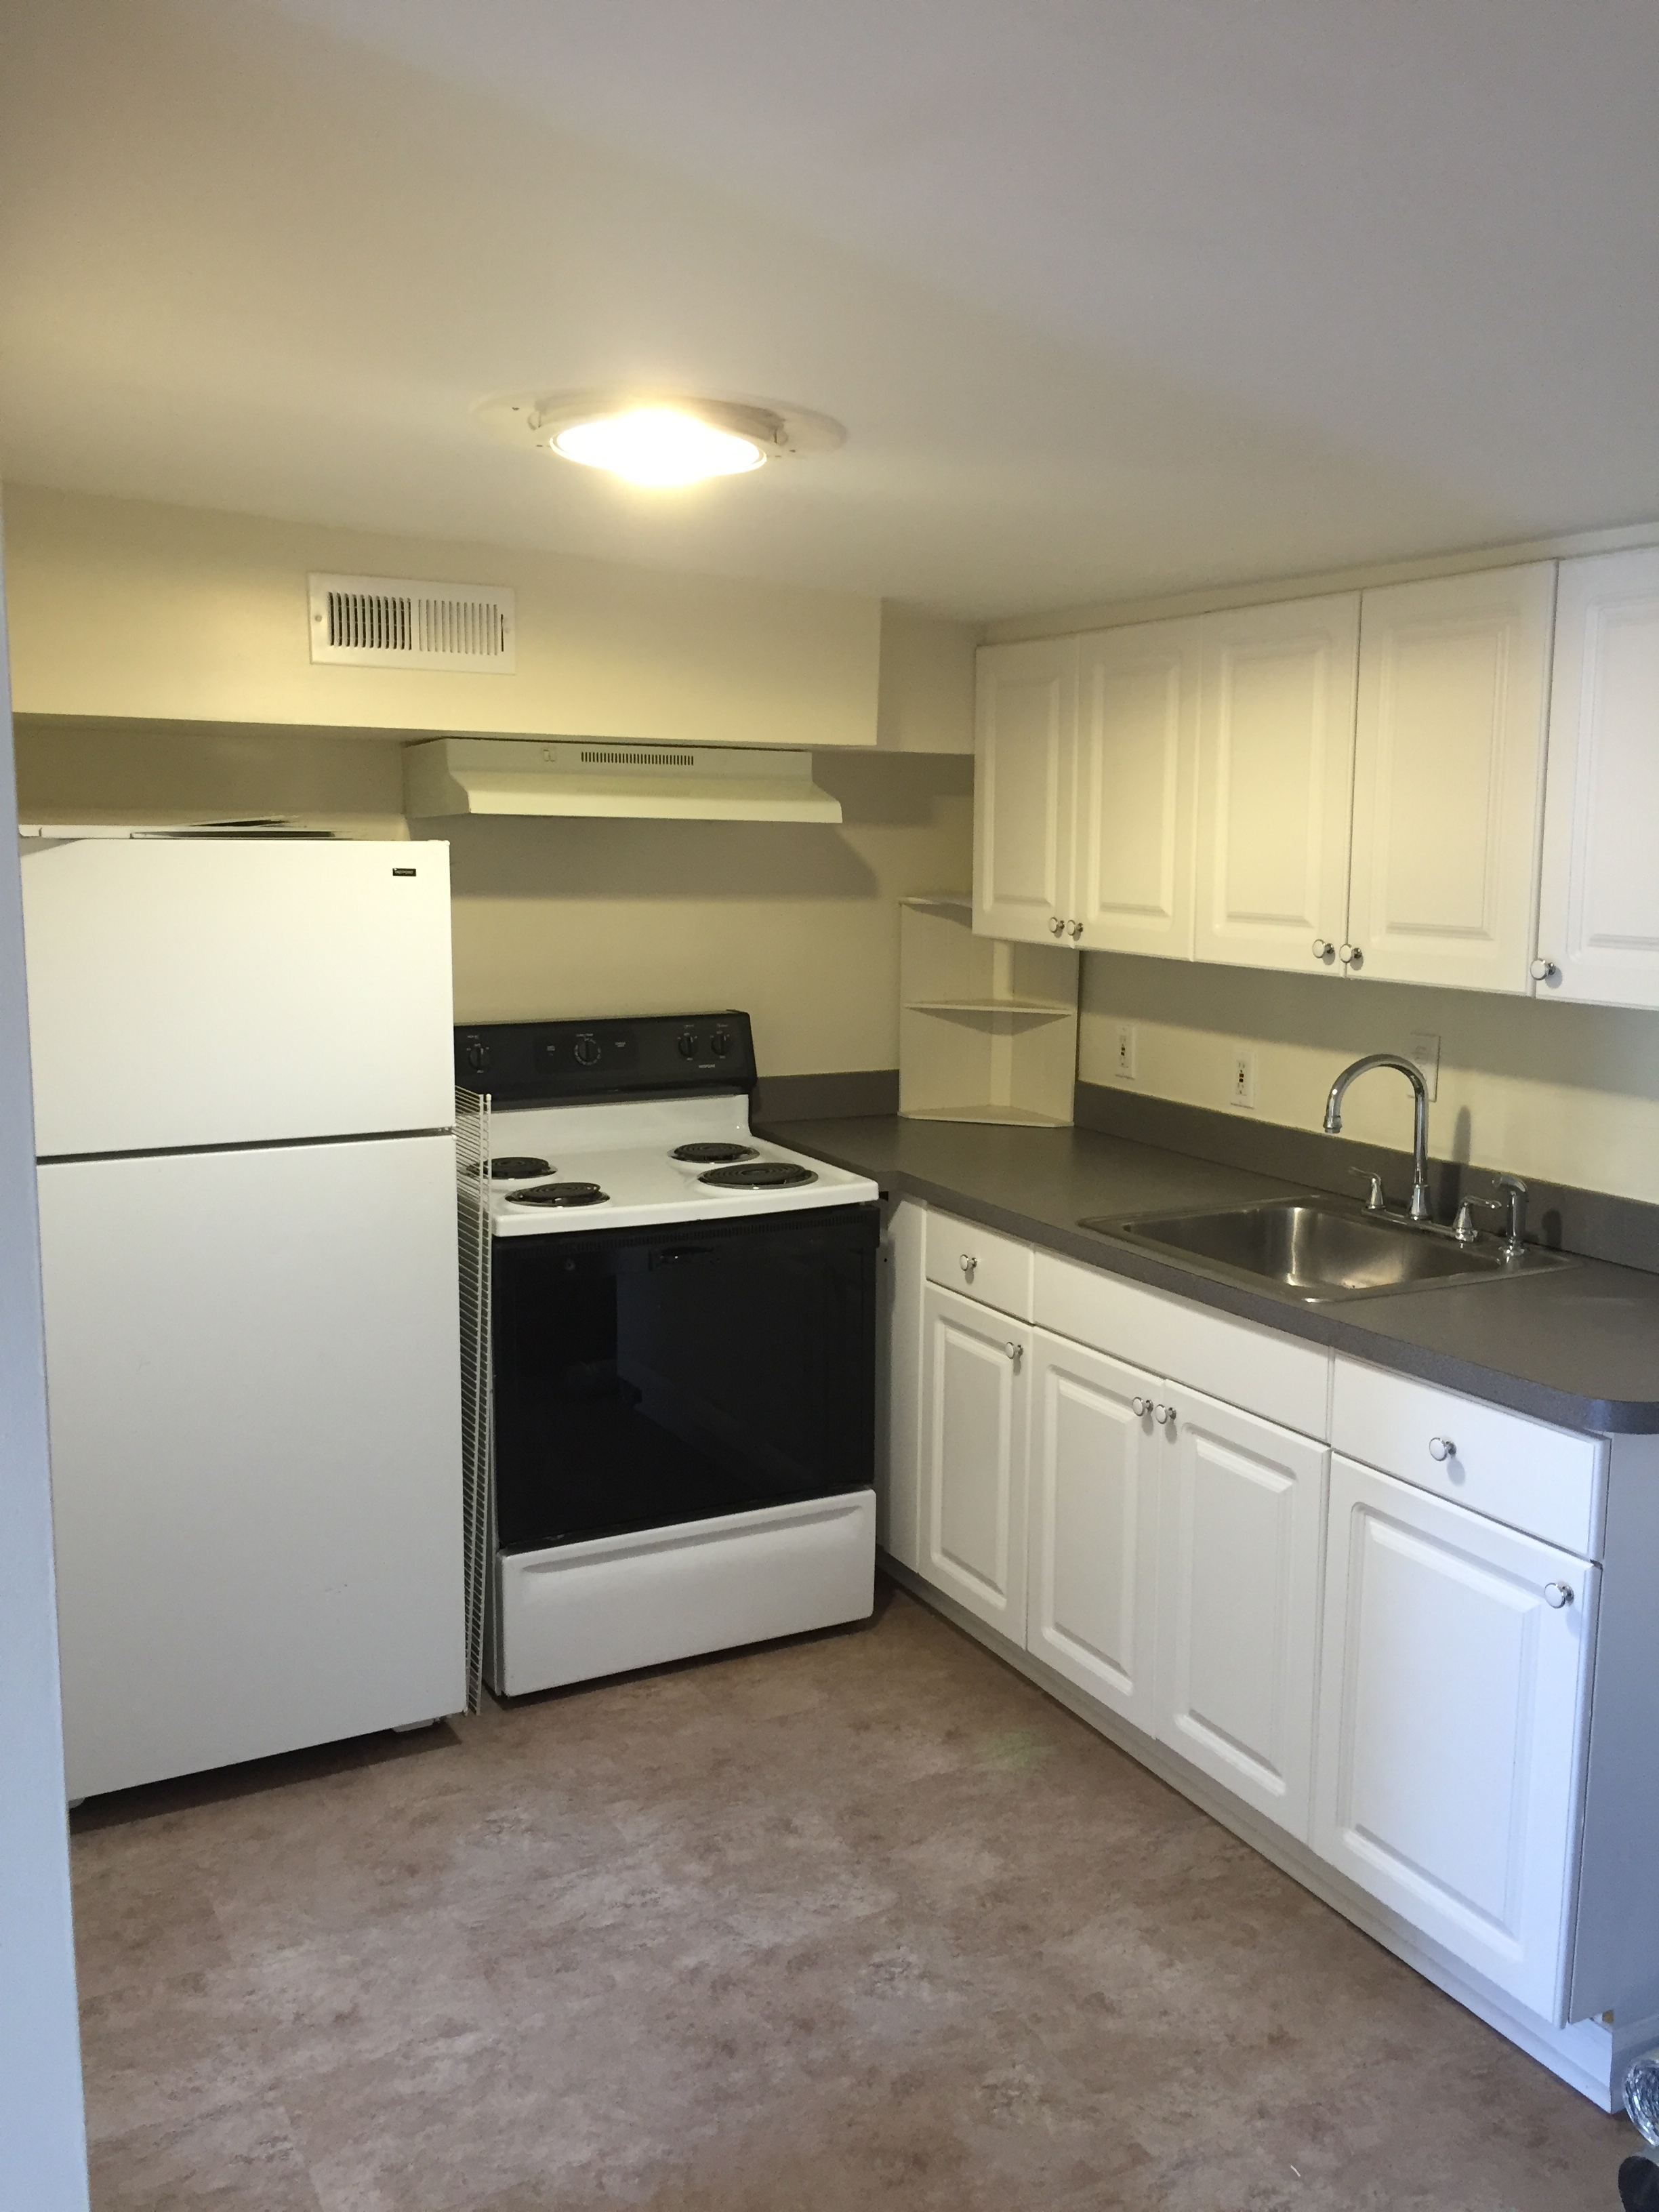 309 S. 16th kitchen